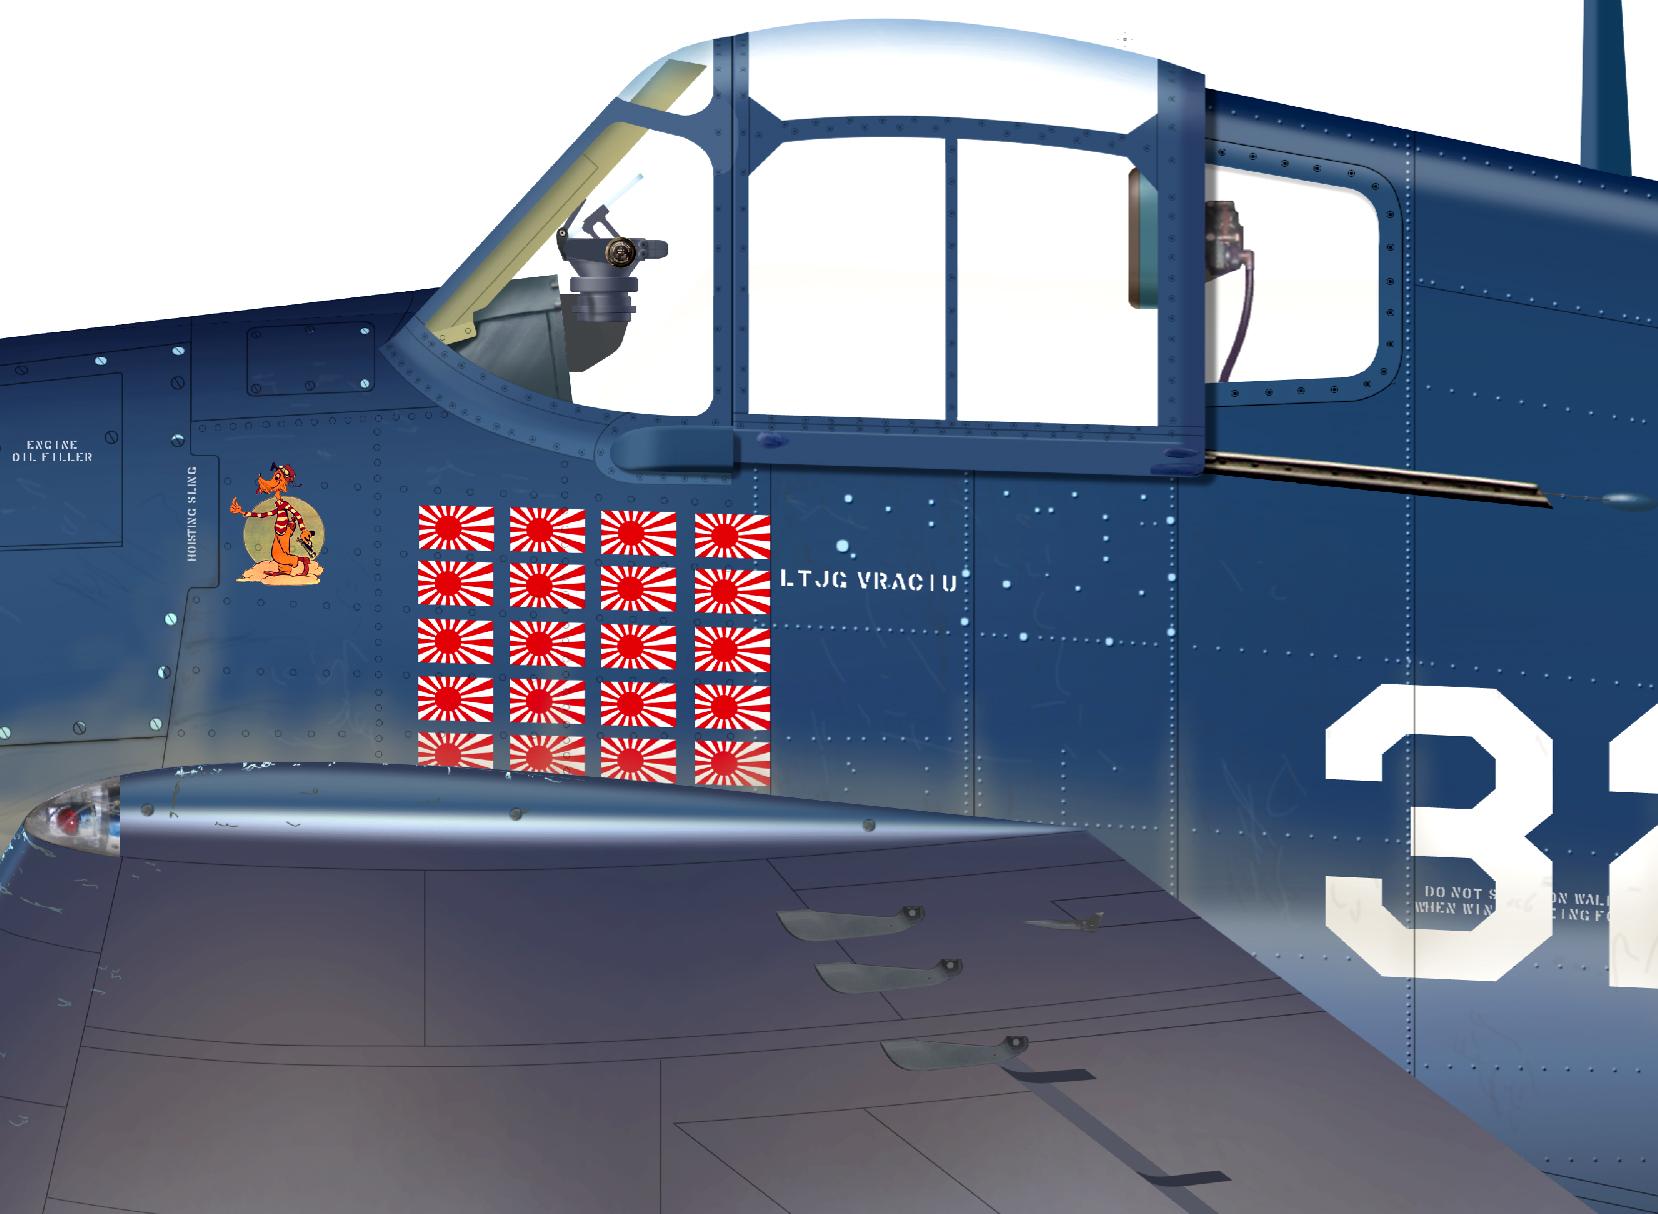 Art Grumman F6F 3 Hellcat VF 16 White 32 Alex Vraciu 0A